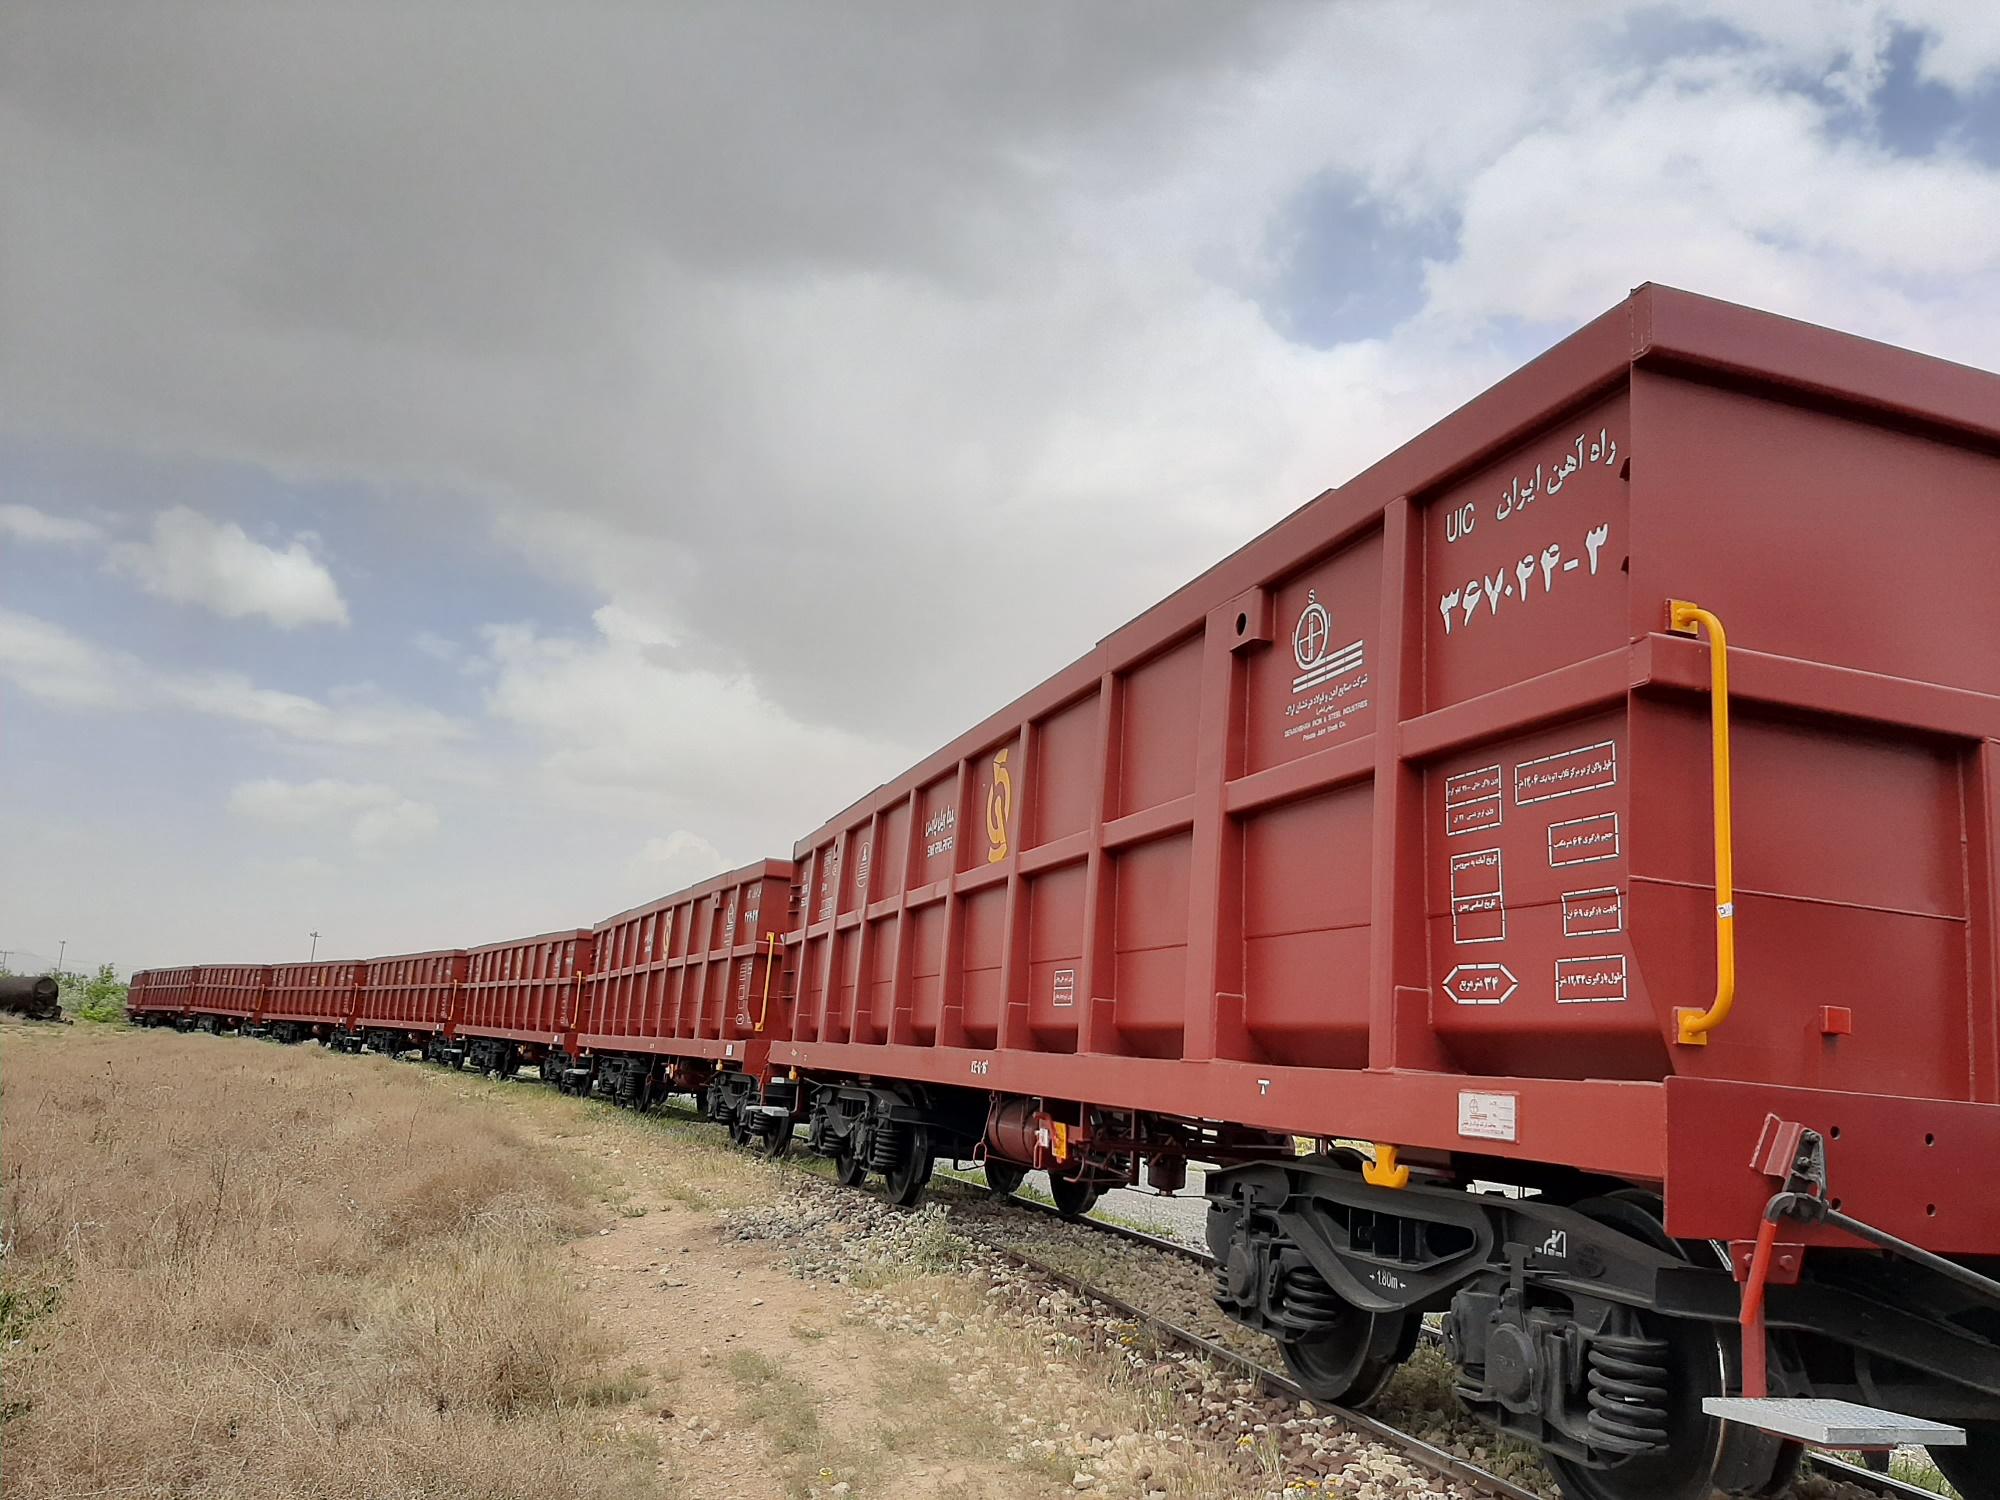 افزوده شدن ۲۵ دستگاه واگن لبه بلند به ناوگان شرکت سینا ریل پارس و اتمام پروژه ۱۰۰ دستگاه